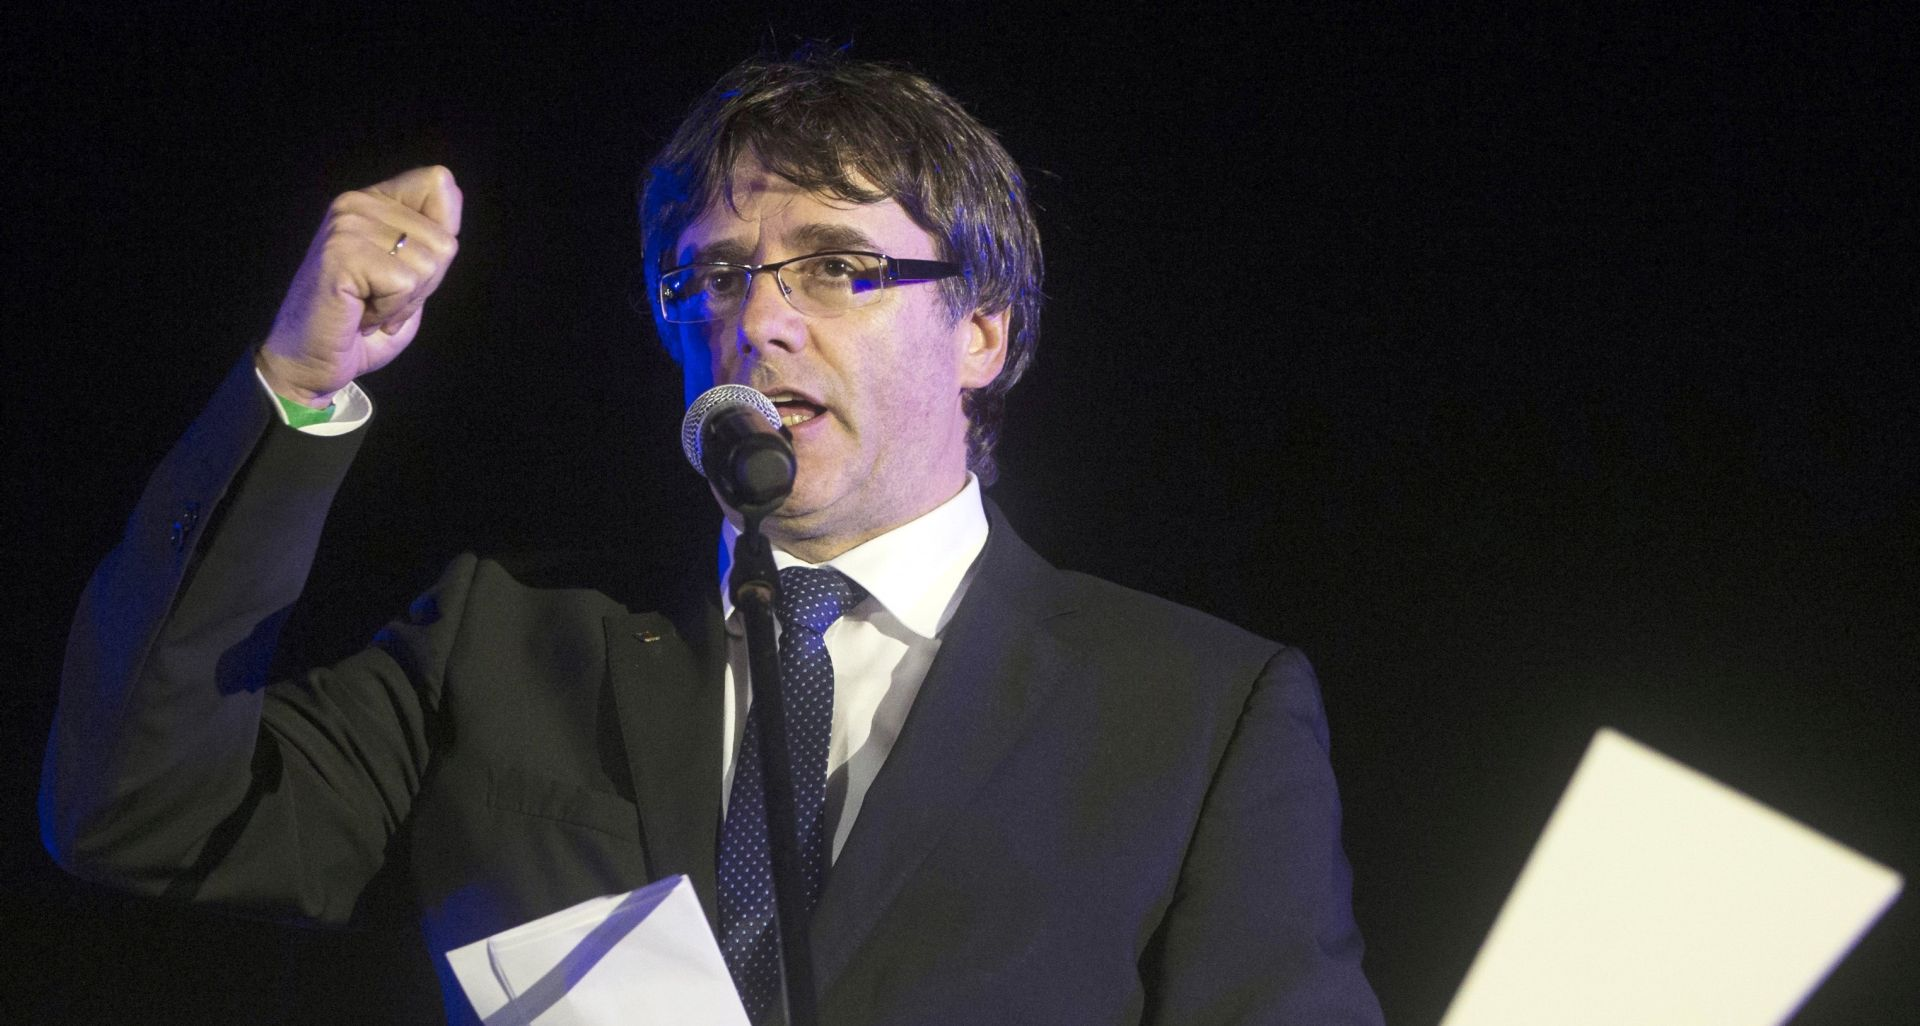 PREDSJEDNIK PUIGDEMONT: Katalonija će primijeniti zakon o referendumu